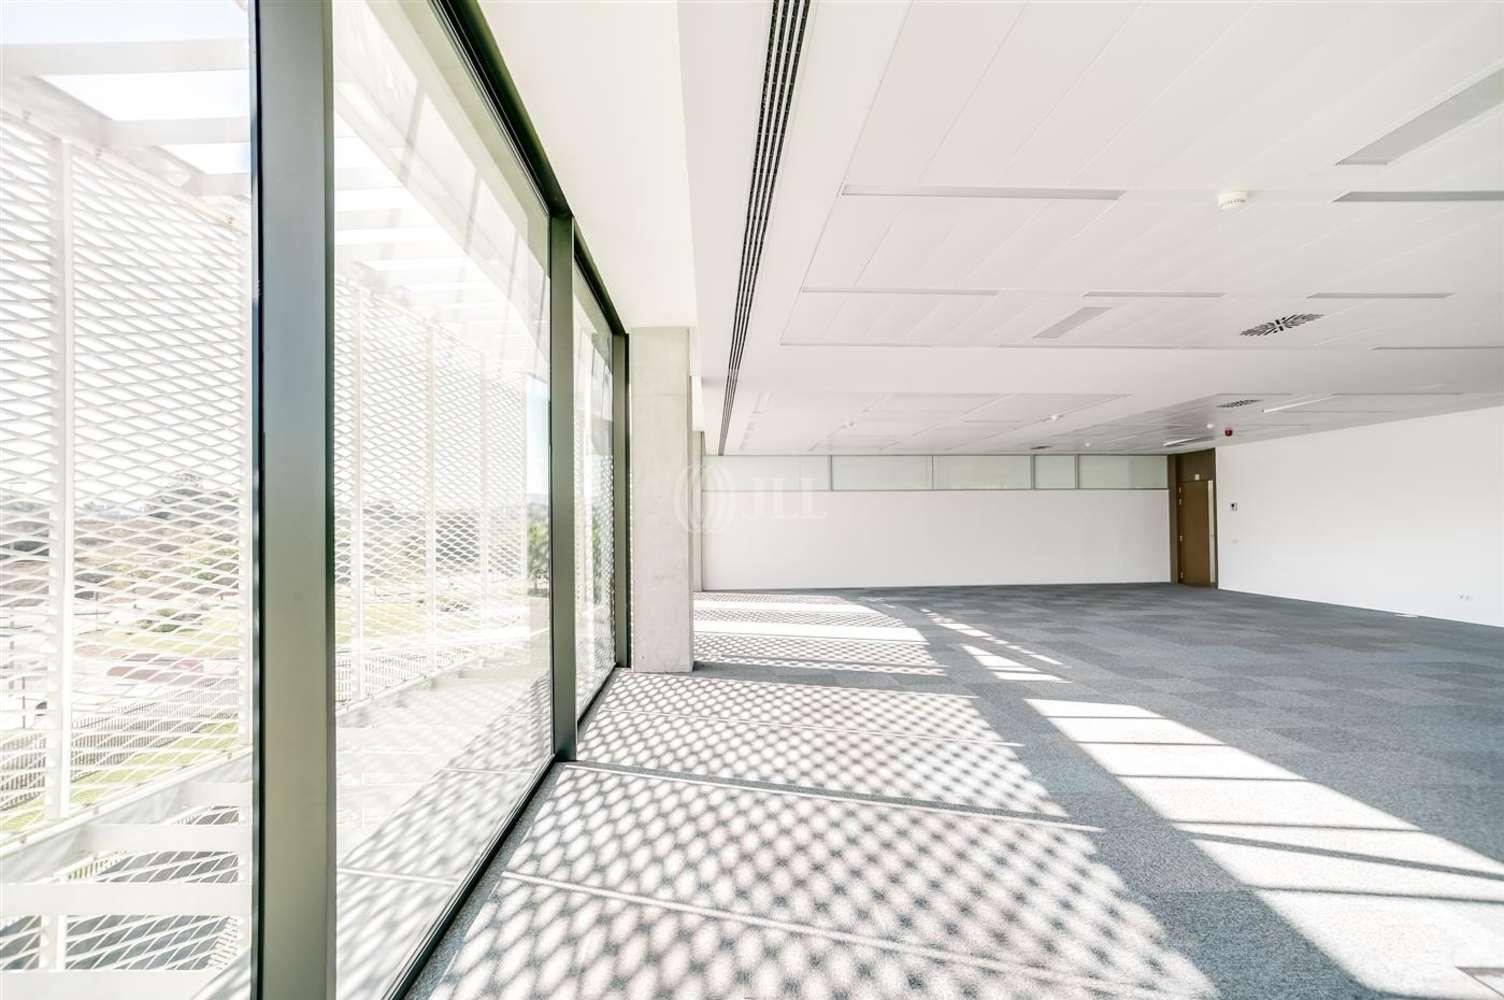 Oficina Sant cugat del vallès, 08174 - ED. CLIENSOR / LA GUINARDERA - 20995